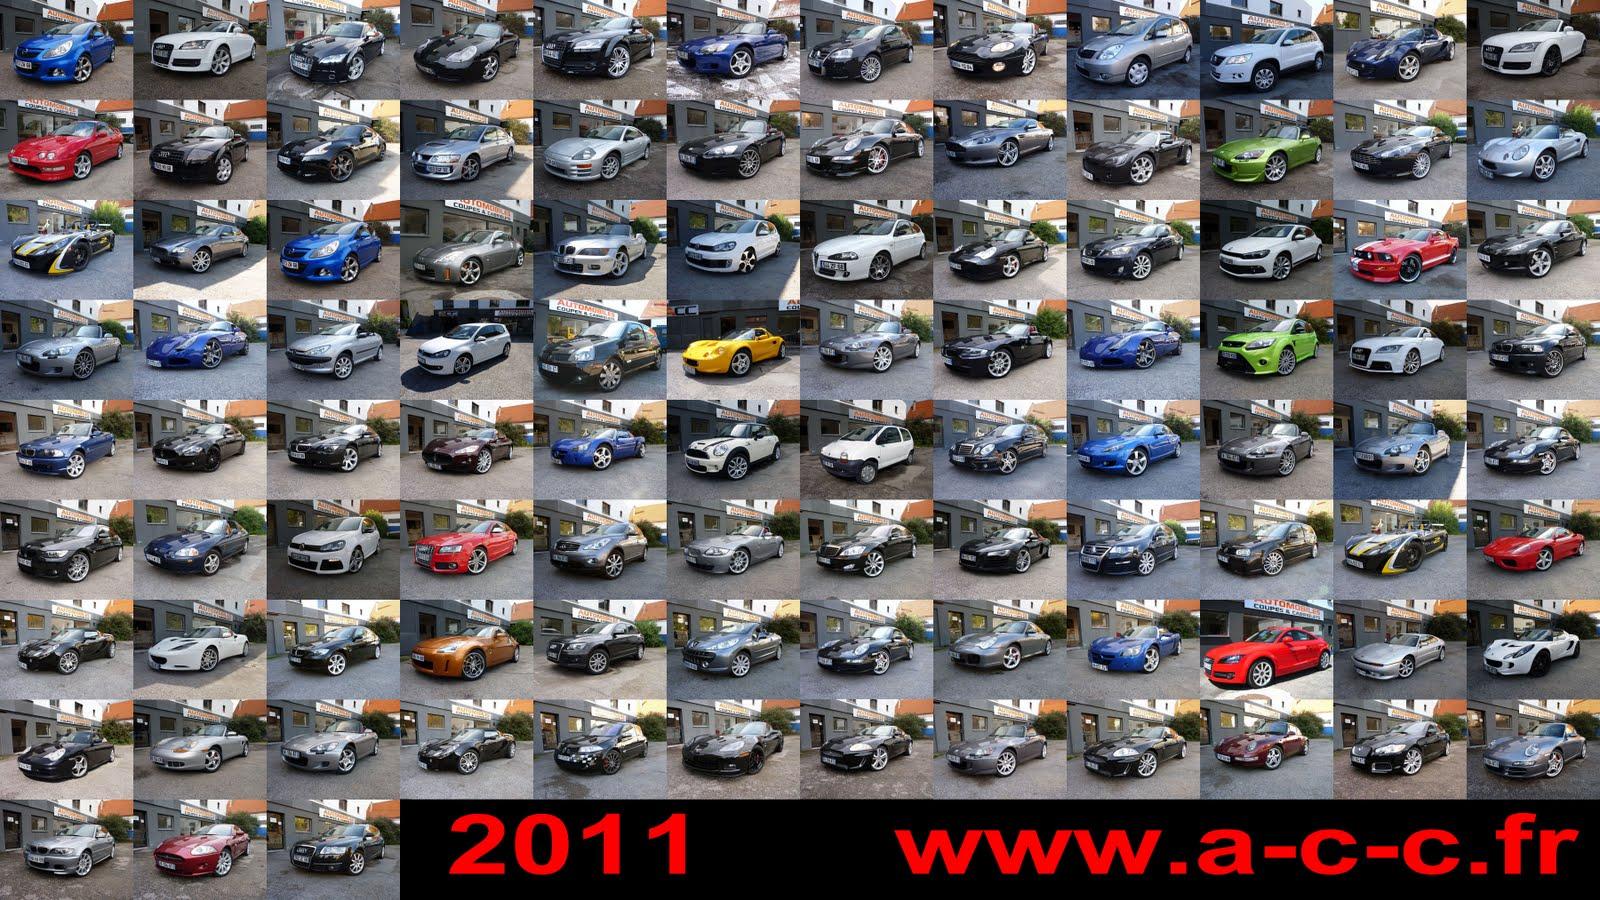 automobiles coup s et cabriolets meilleurs voeux 2012 ventes 2011. Black Bedroom Furniture Sets. Home Design Ideas